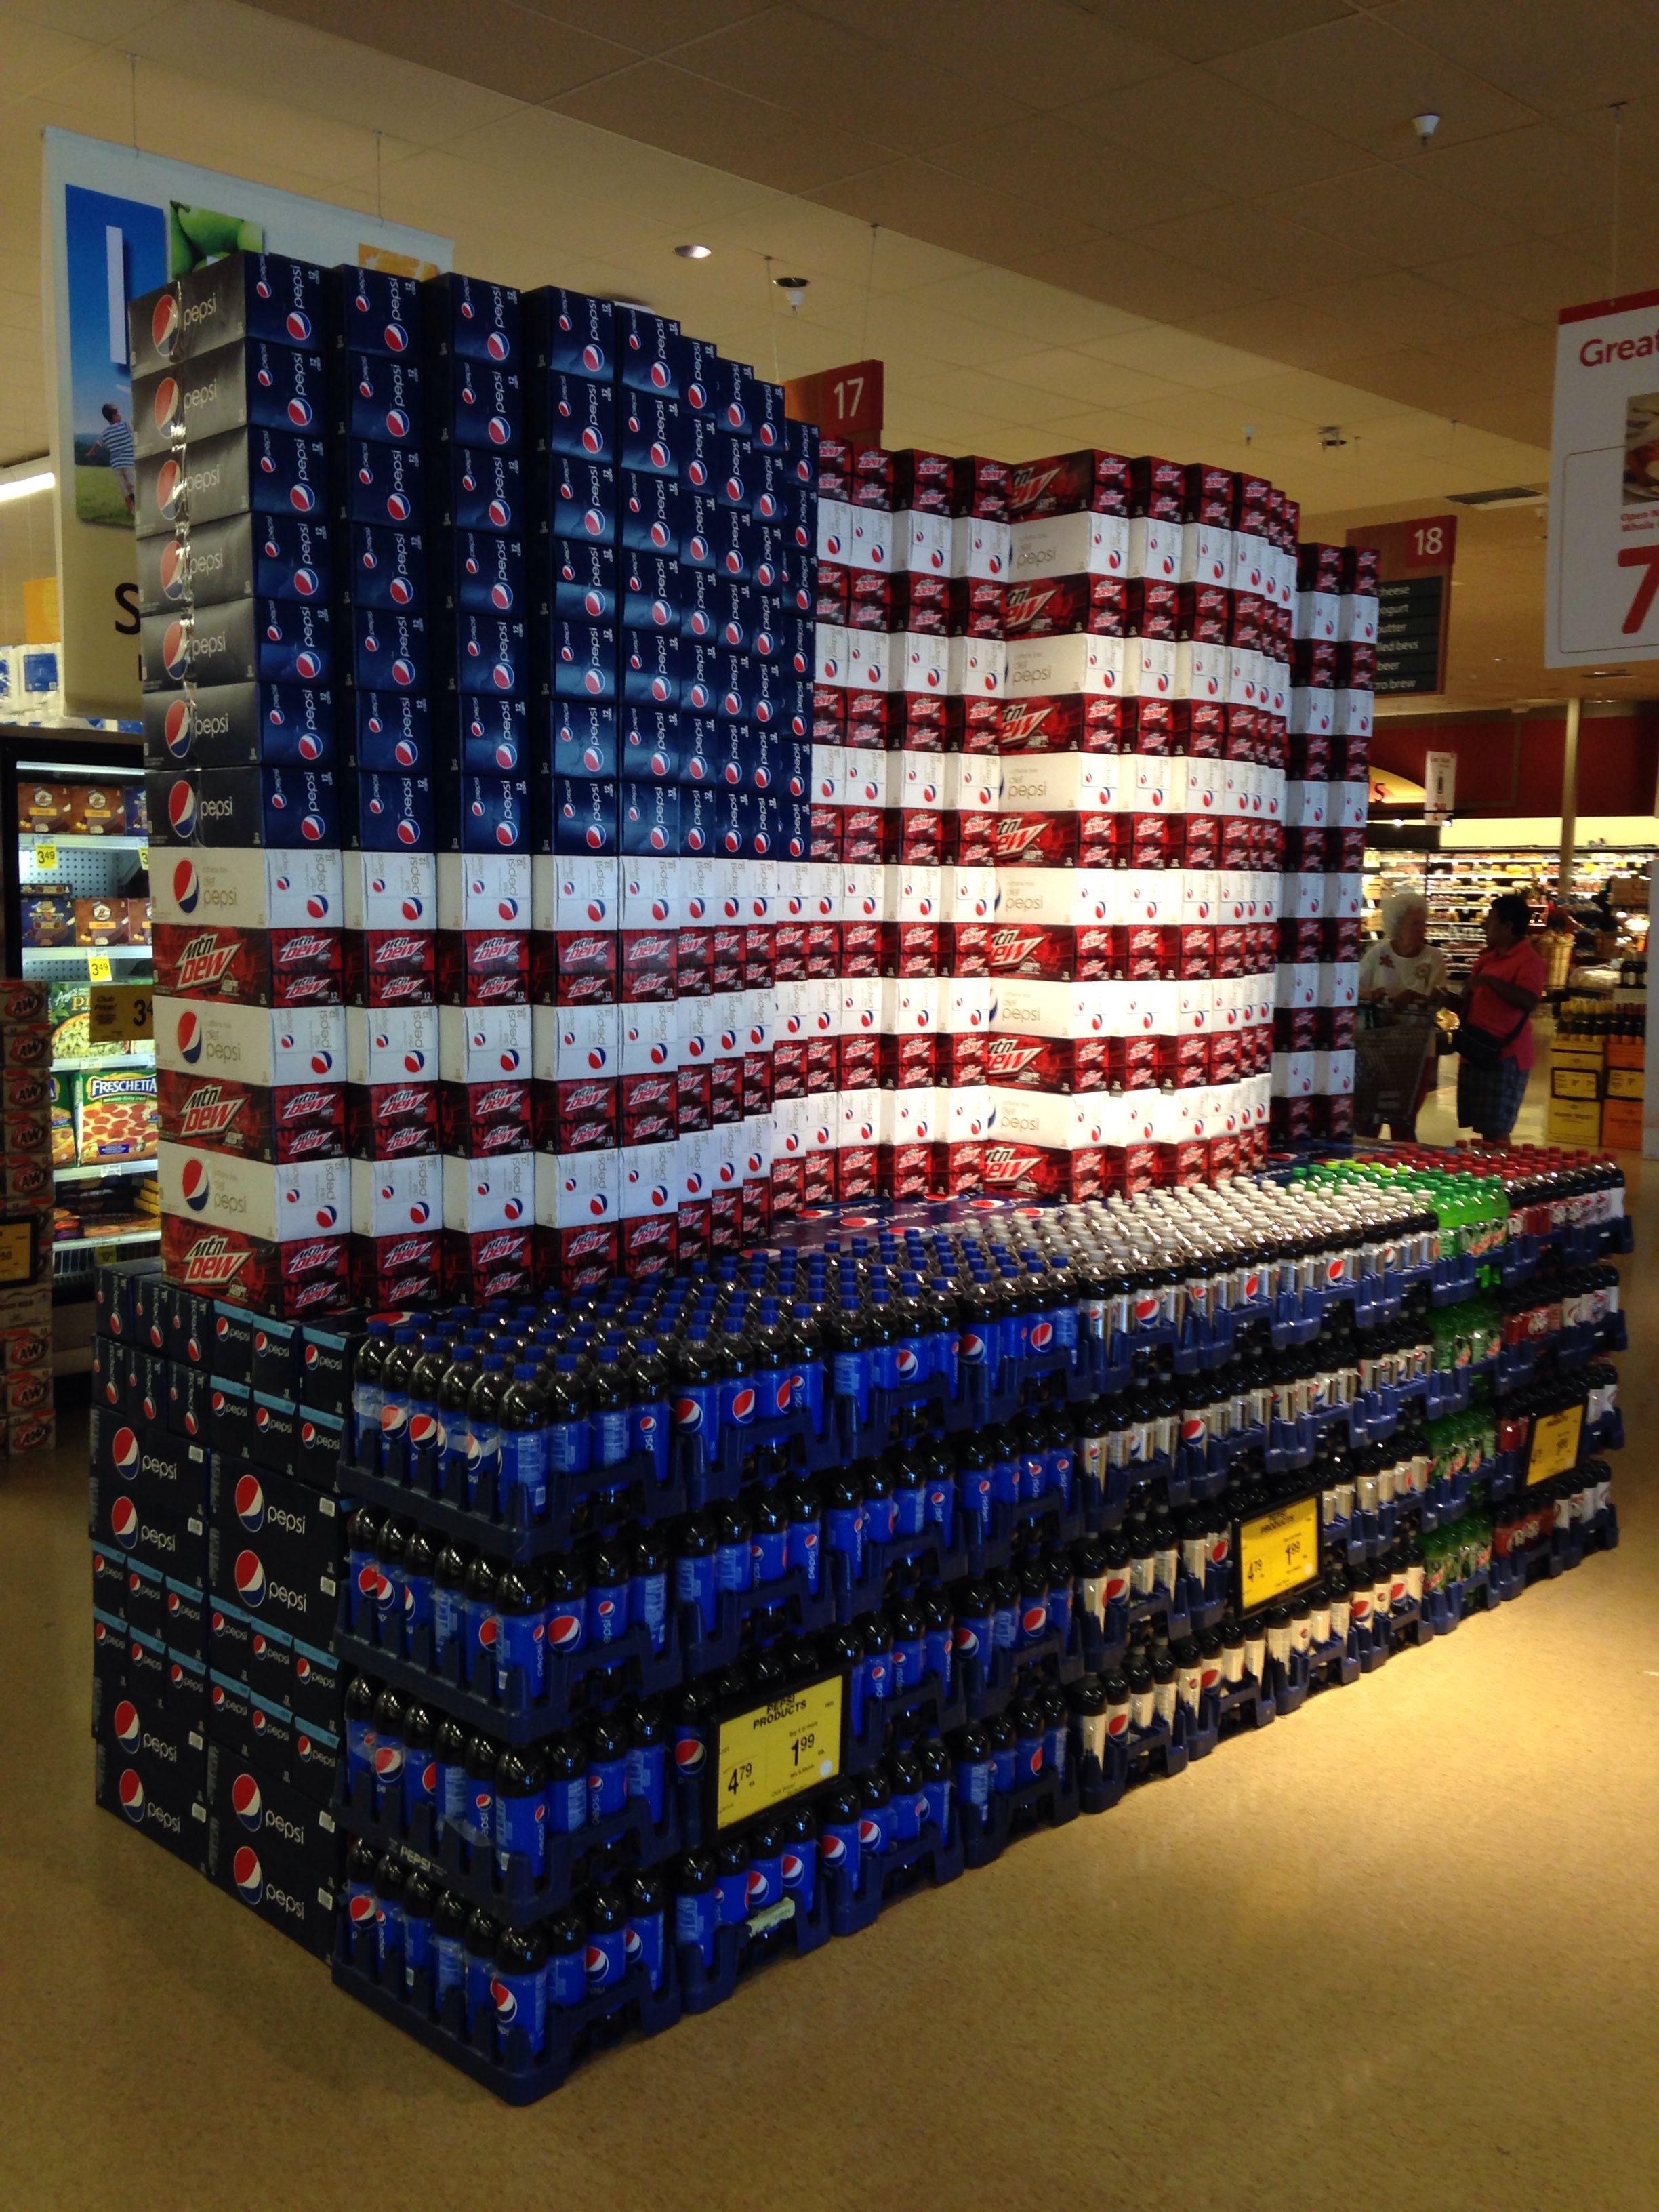 American Flag Waving Supermarket Display Beer Display Bottle Display